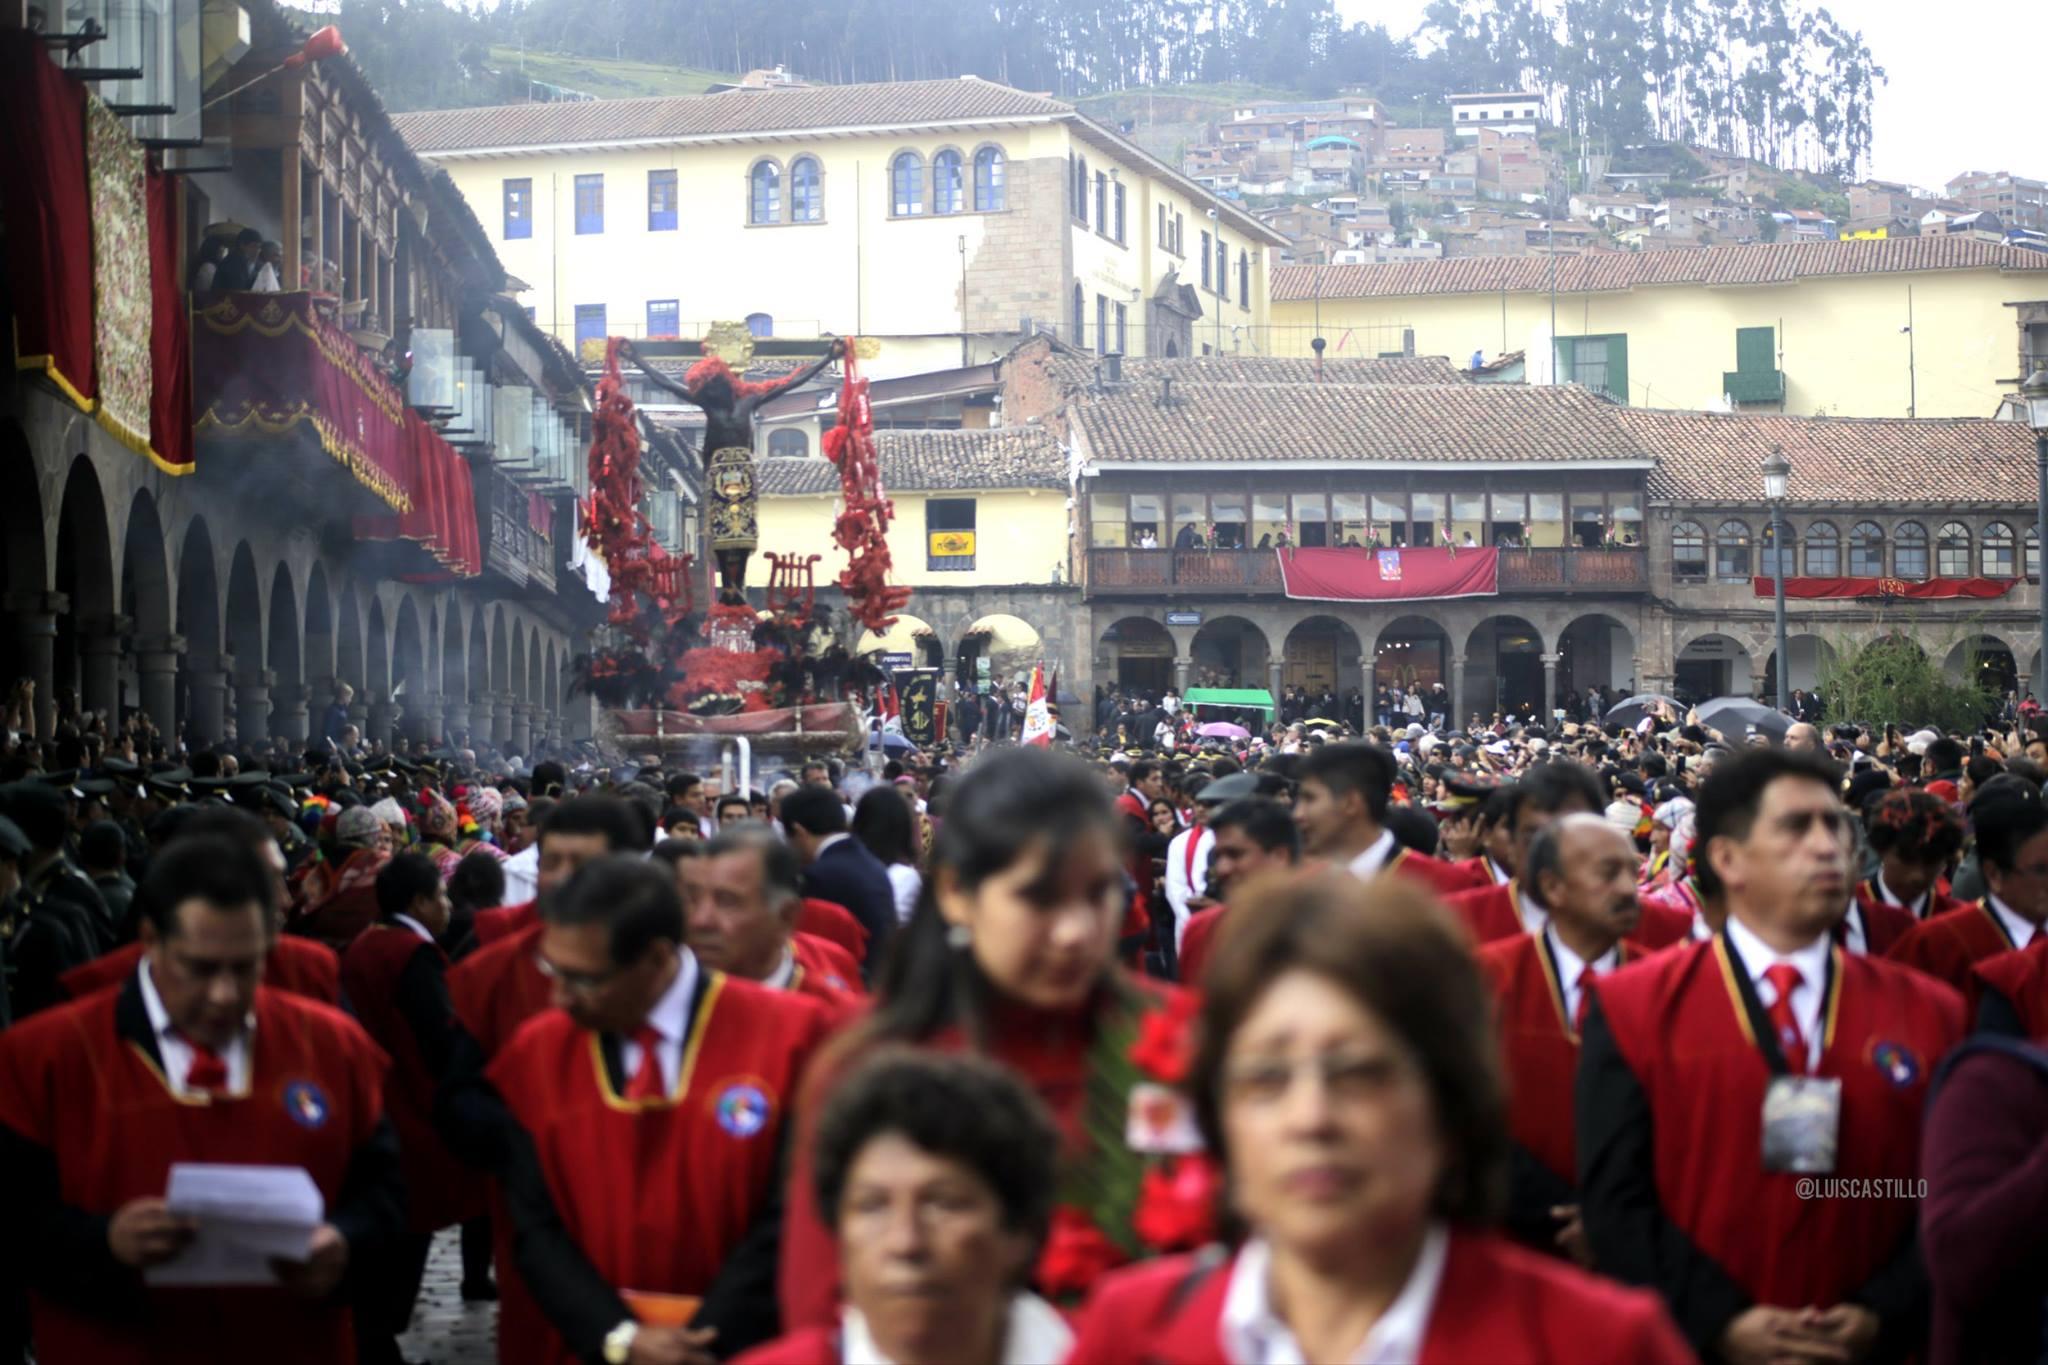 MUNICIPALIDAD DEL CUSCO PRESENTA PLAN DE CONTINGENCIA Y SEGURIDAD VIAL – LUNES SANTO